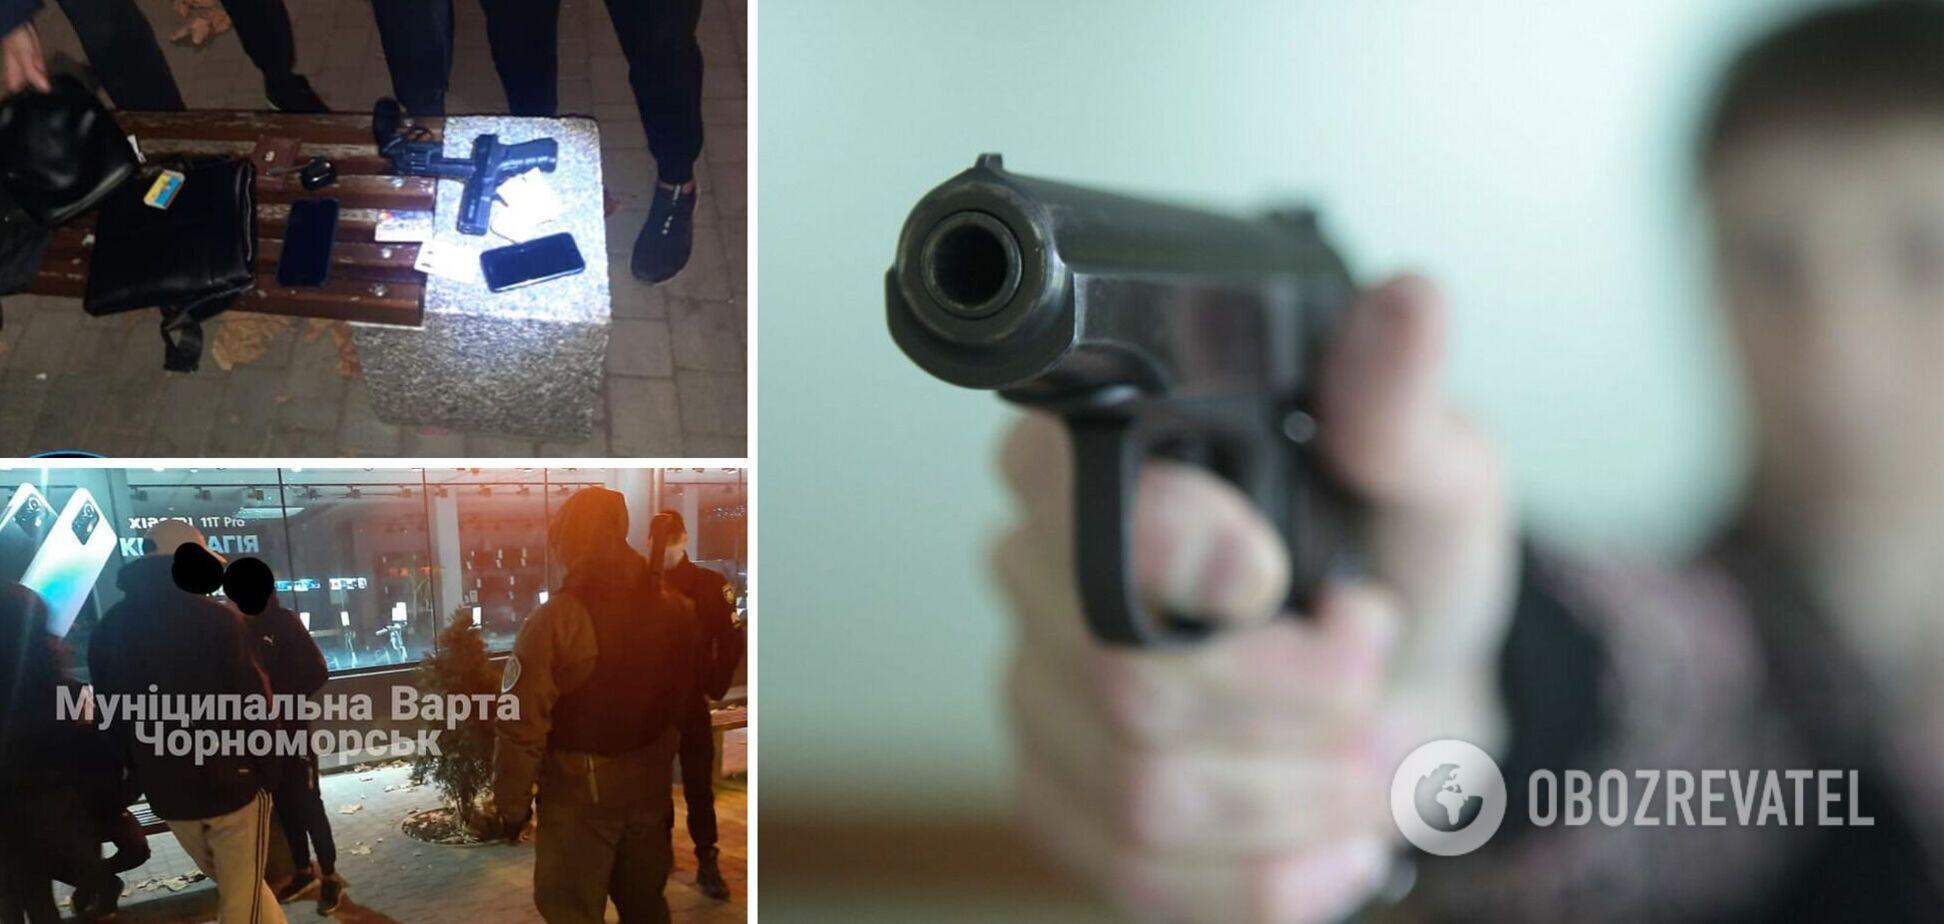 Под Одессой молодчики обстреляли из пистолетов окна общежития, их задержали. Фото